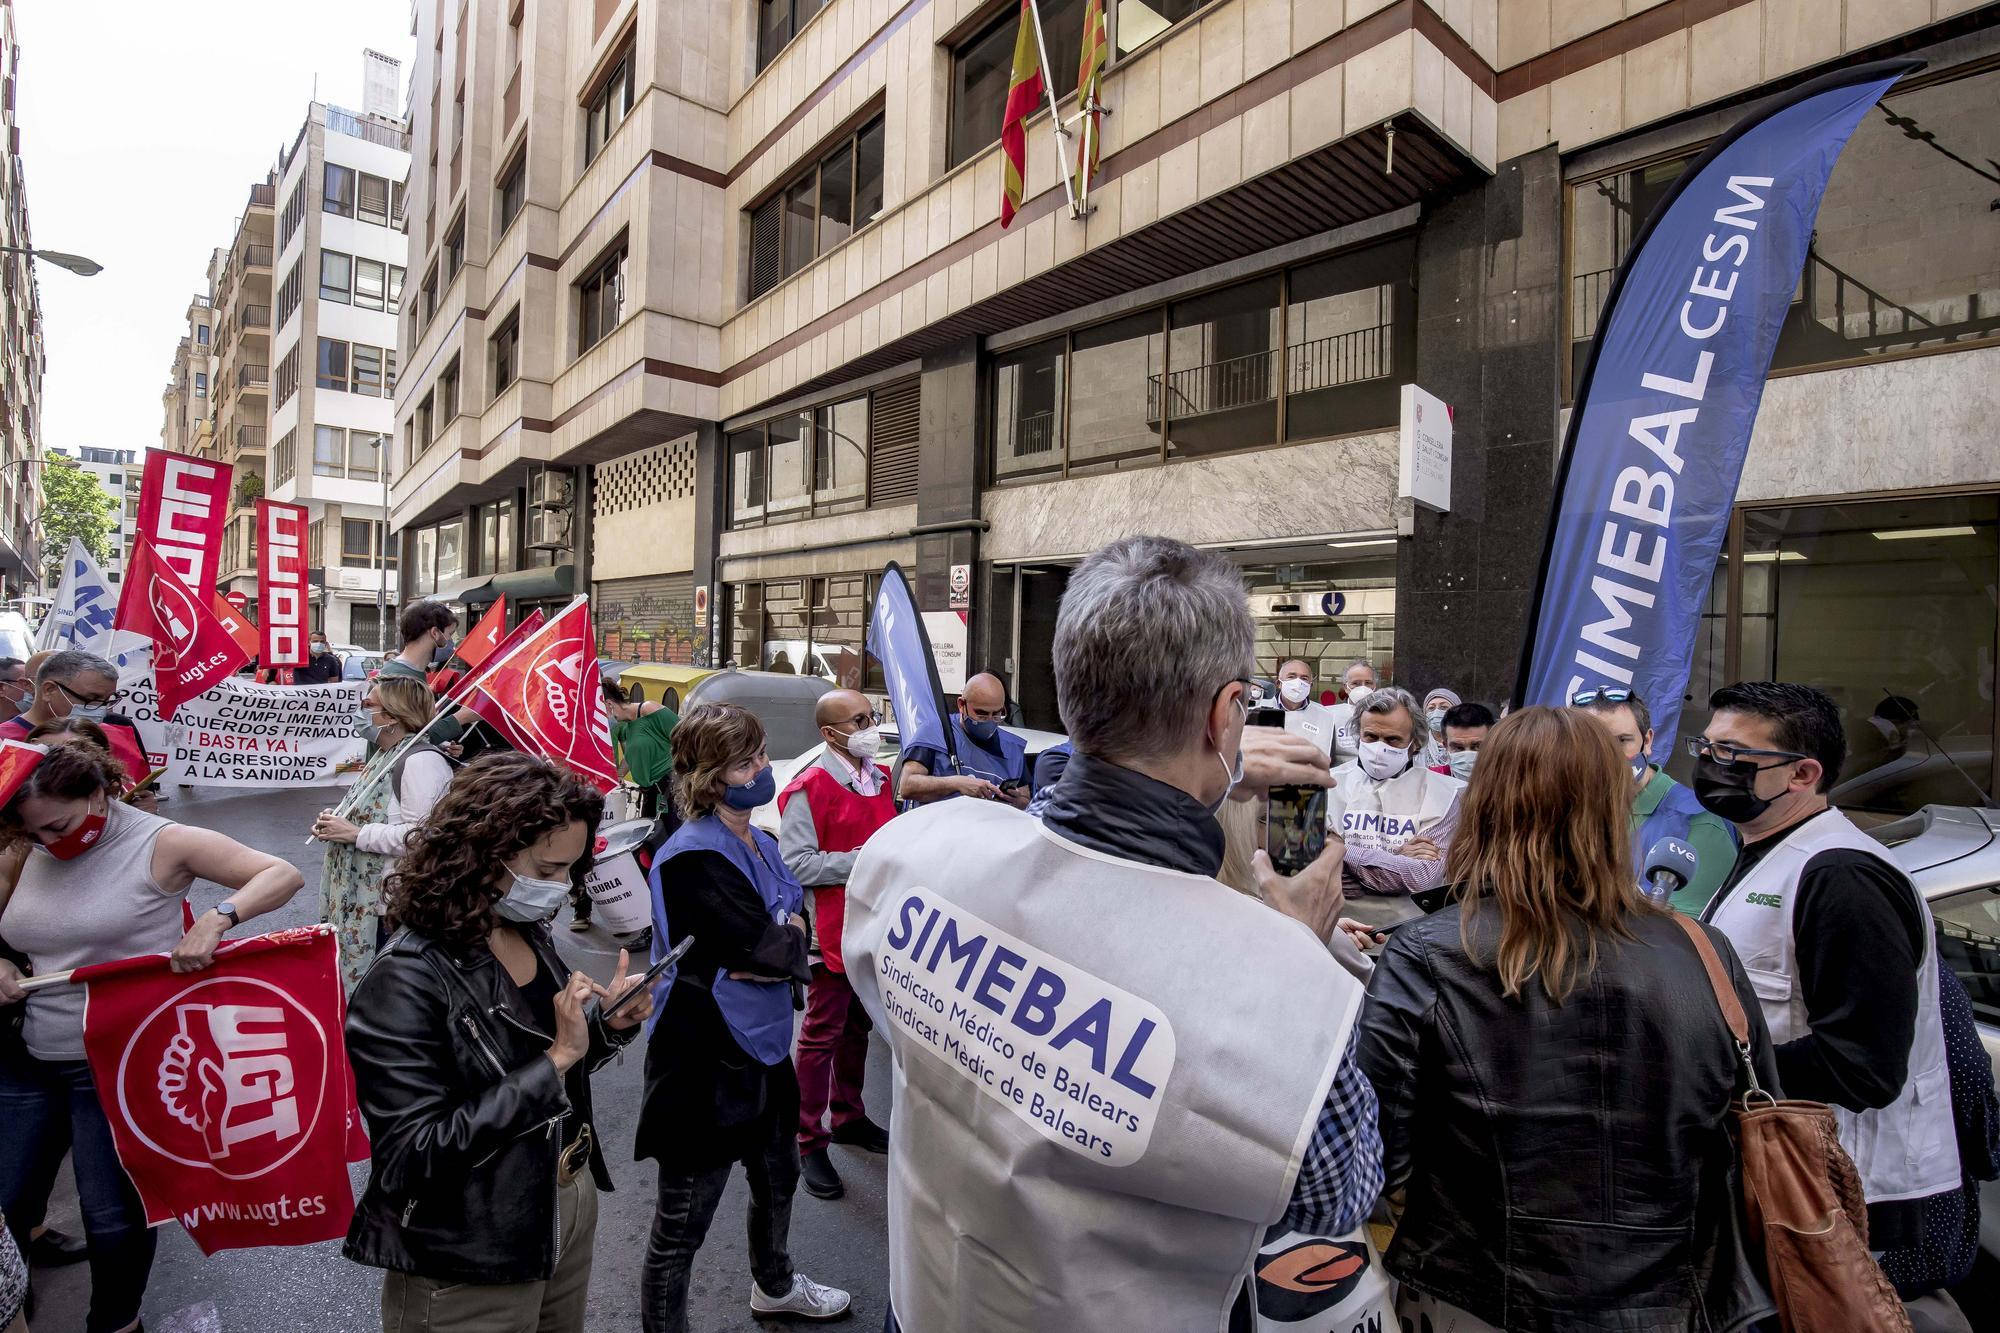 El sindicato de enfermería convocó una concentración ante el IB-Salut a la que se sumaron el resto de formaciones